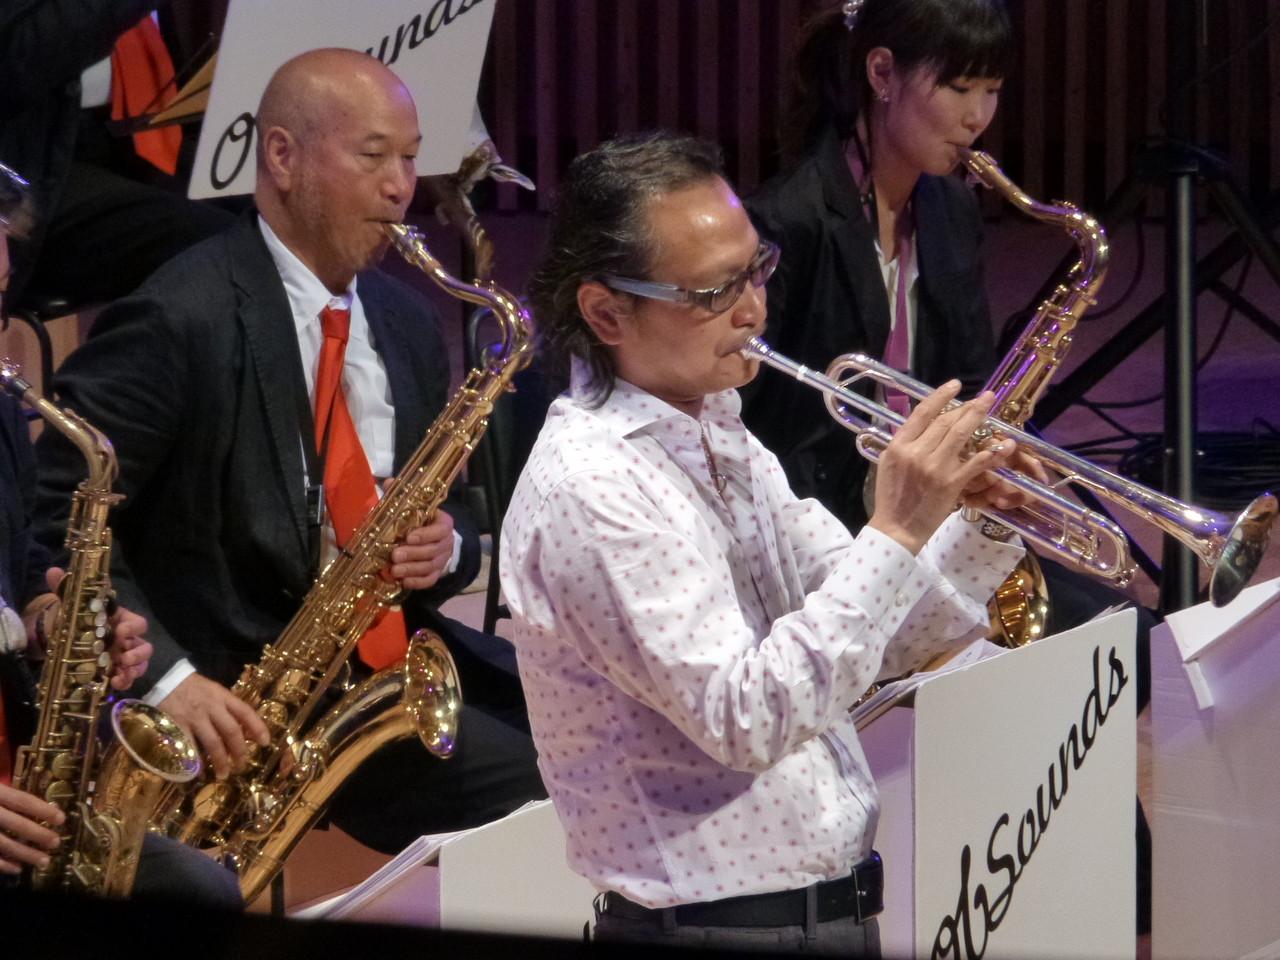 佐々木史郎さん。熱帯ジャズ楽団などでも活躍中♪